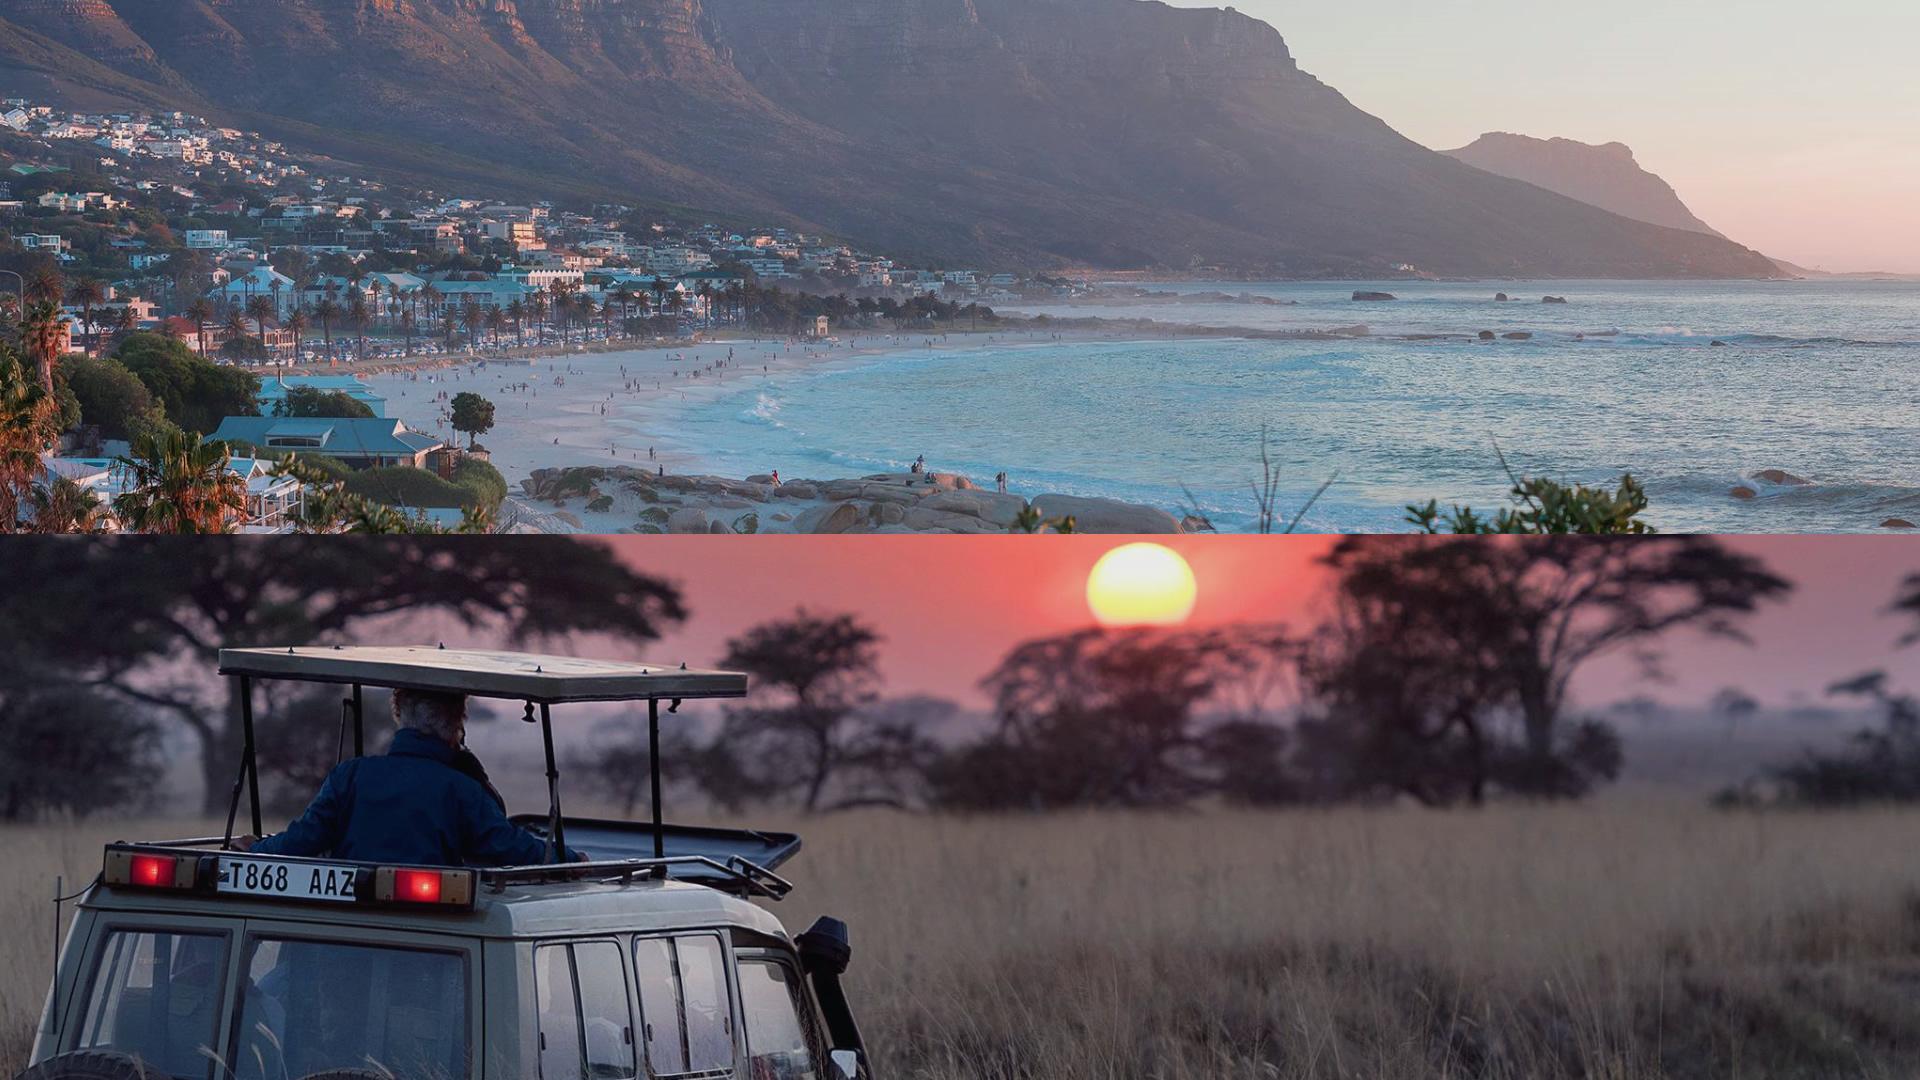 Un concurso nos lleva a viajar gratis por los 5 continentes por 50 días (con un extraño)